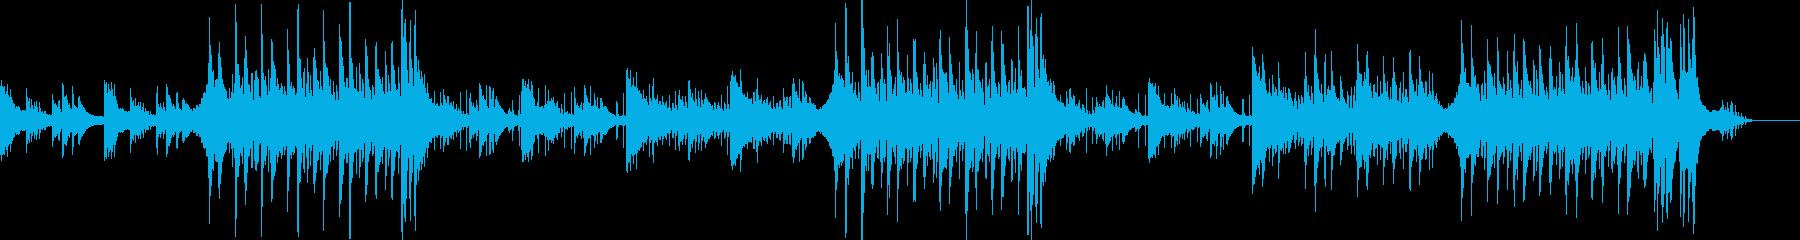 和風サスペンス的な映画・映像用BGMの再生済みの波形